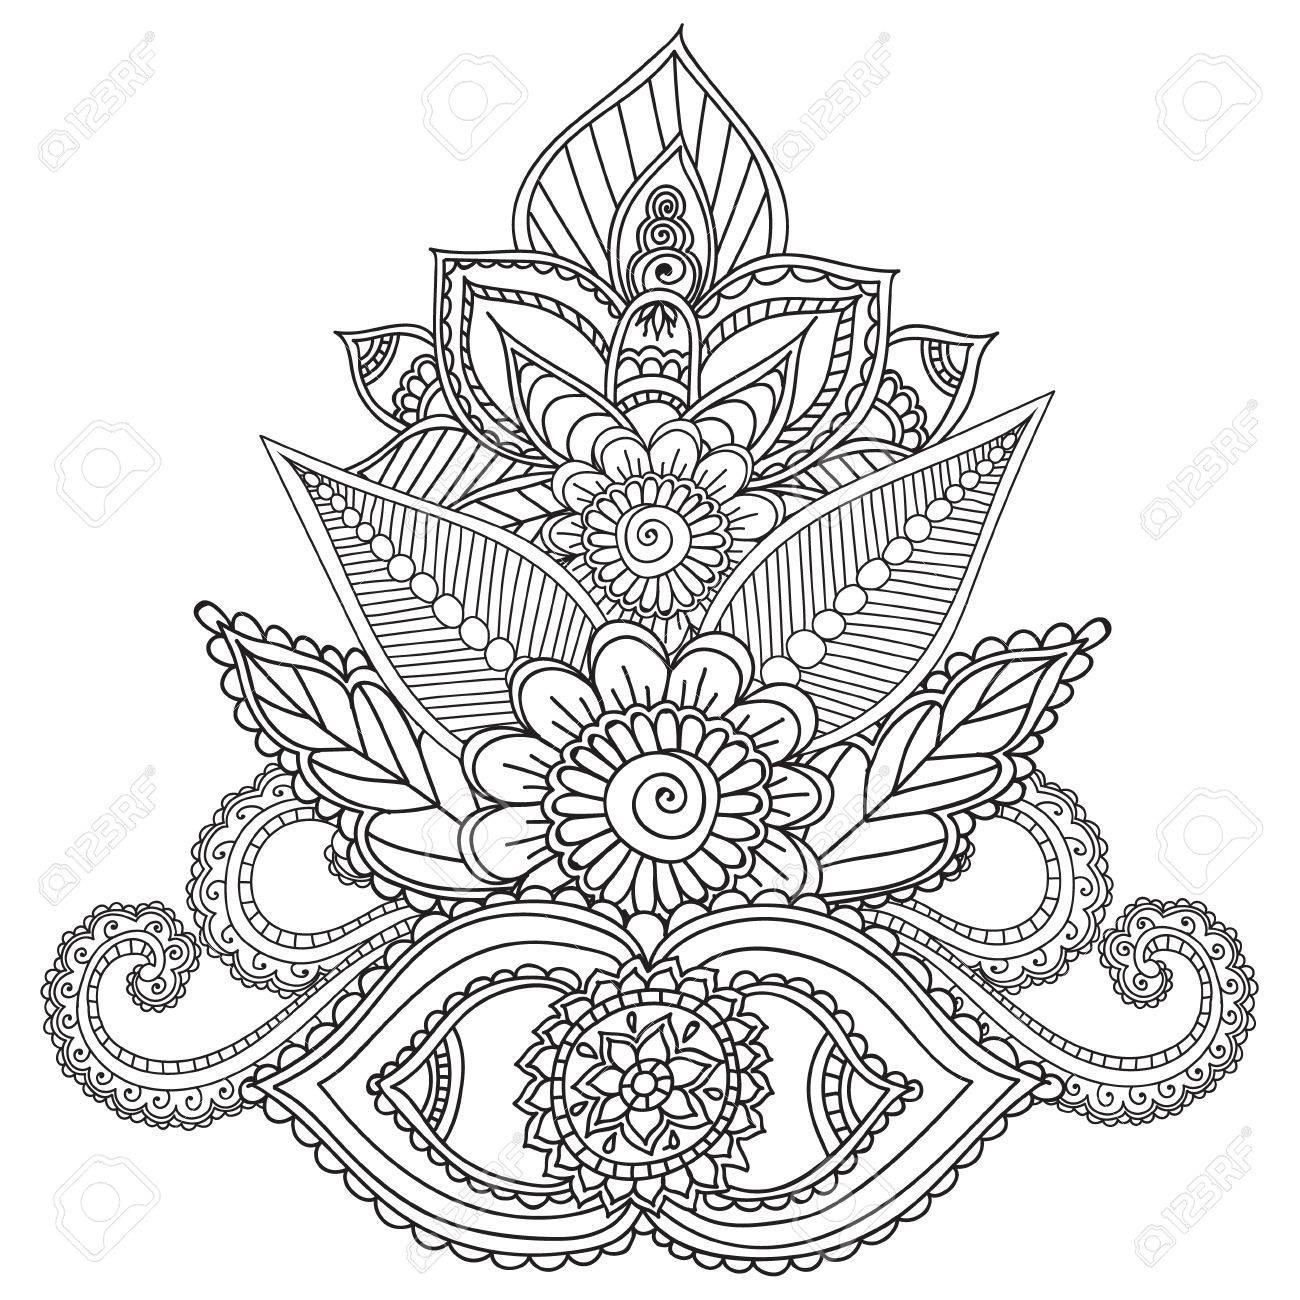 Malvorlagen Für Erwachsene. Henna Mehndi Doodles Abstract Floral ...